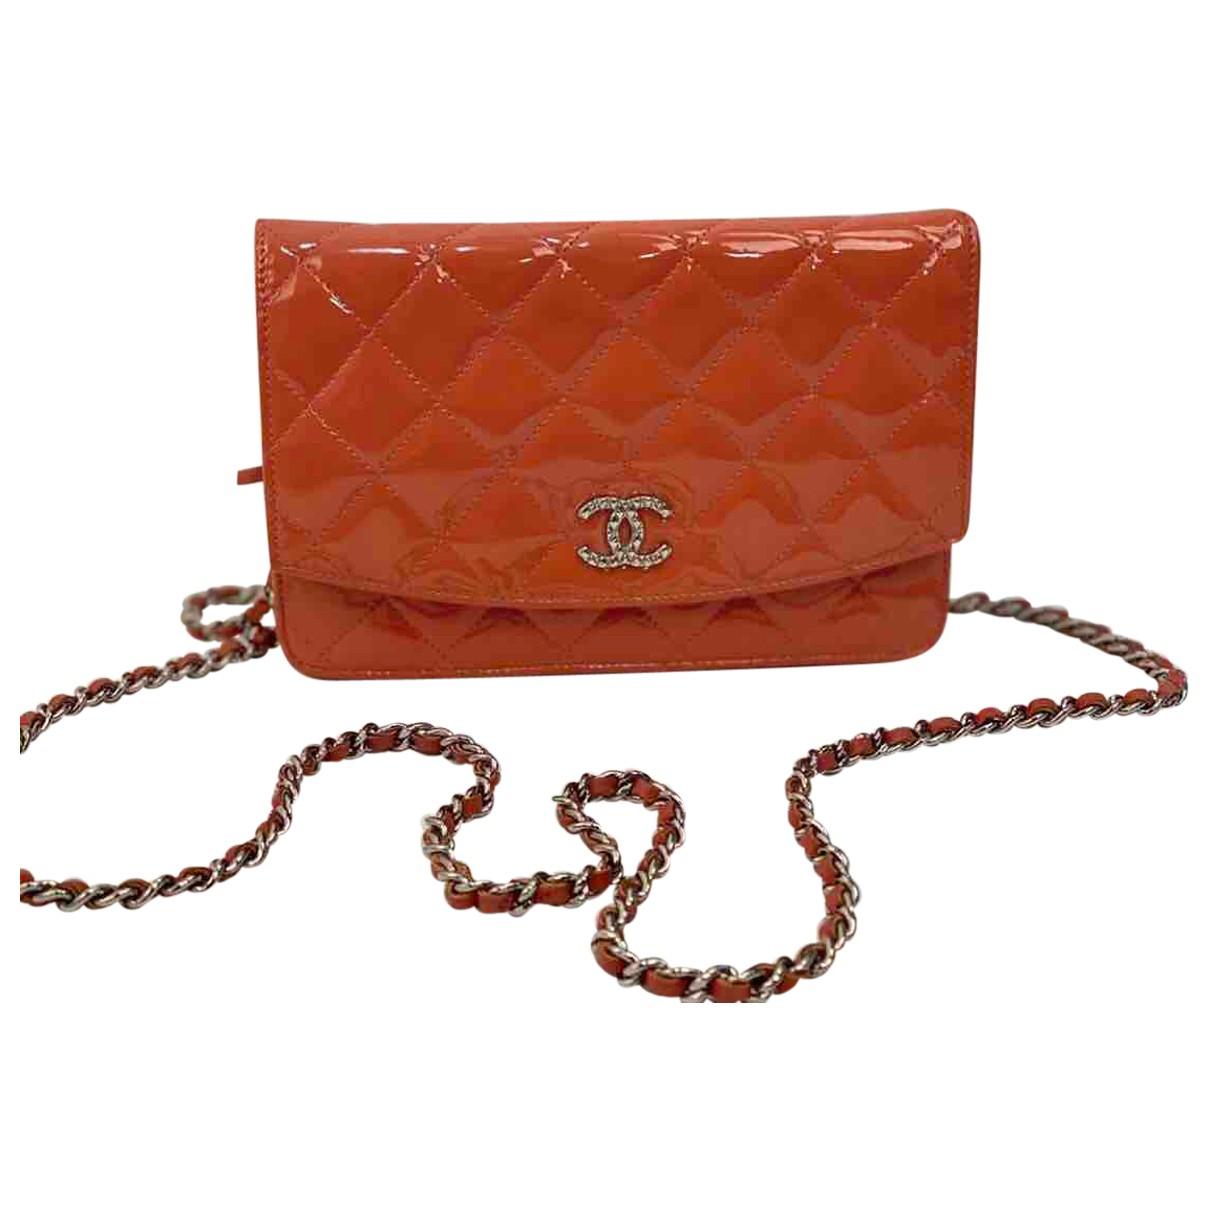 Bandolera Wallet on Chain de Charol Chanel